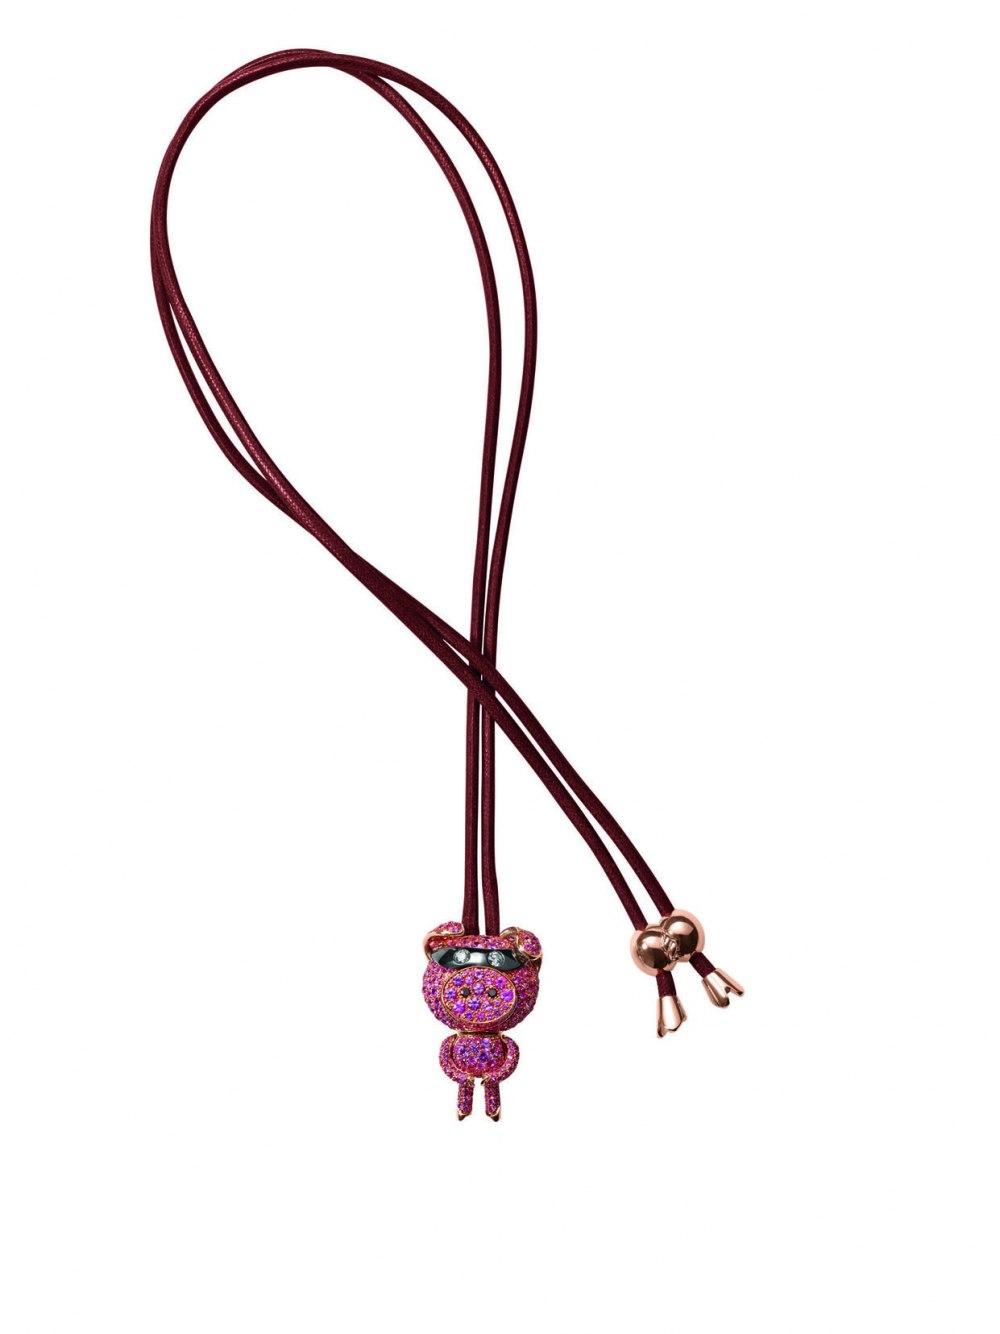 DE GRISOGONO Crazymals necklace 92042_04